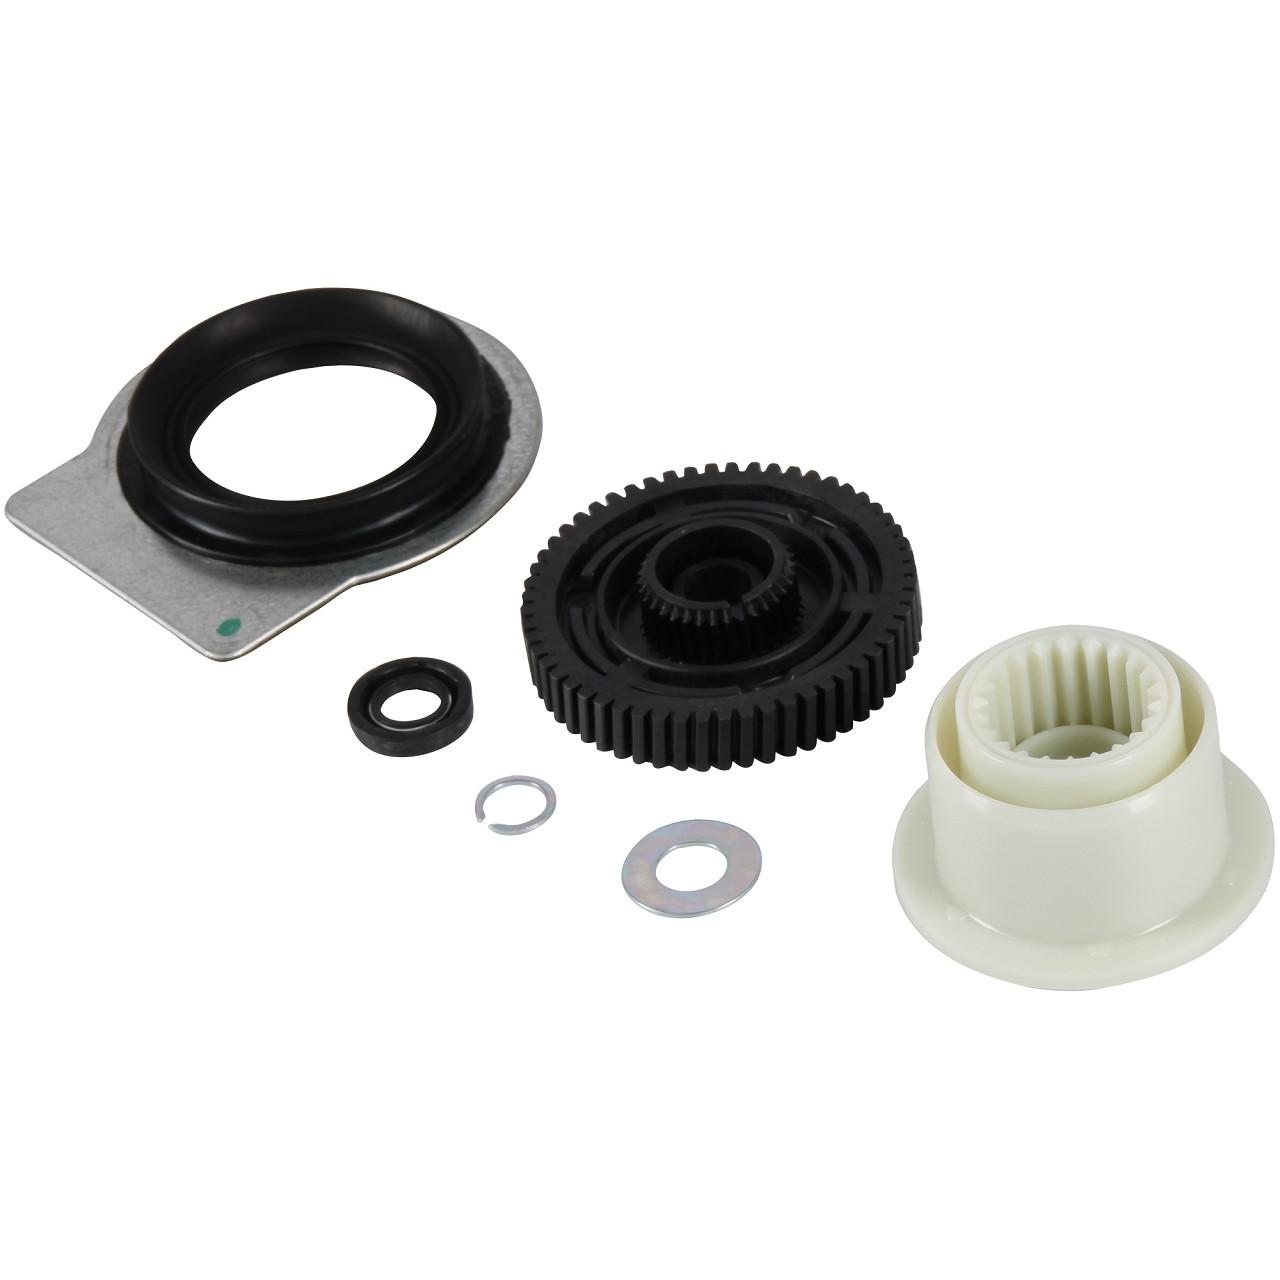 ORIGINAL BMW Reparatursatz Verteilergetriebe 3er E90 X3 E83 X5 E53 27102413711